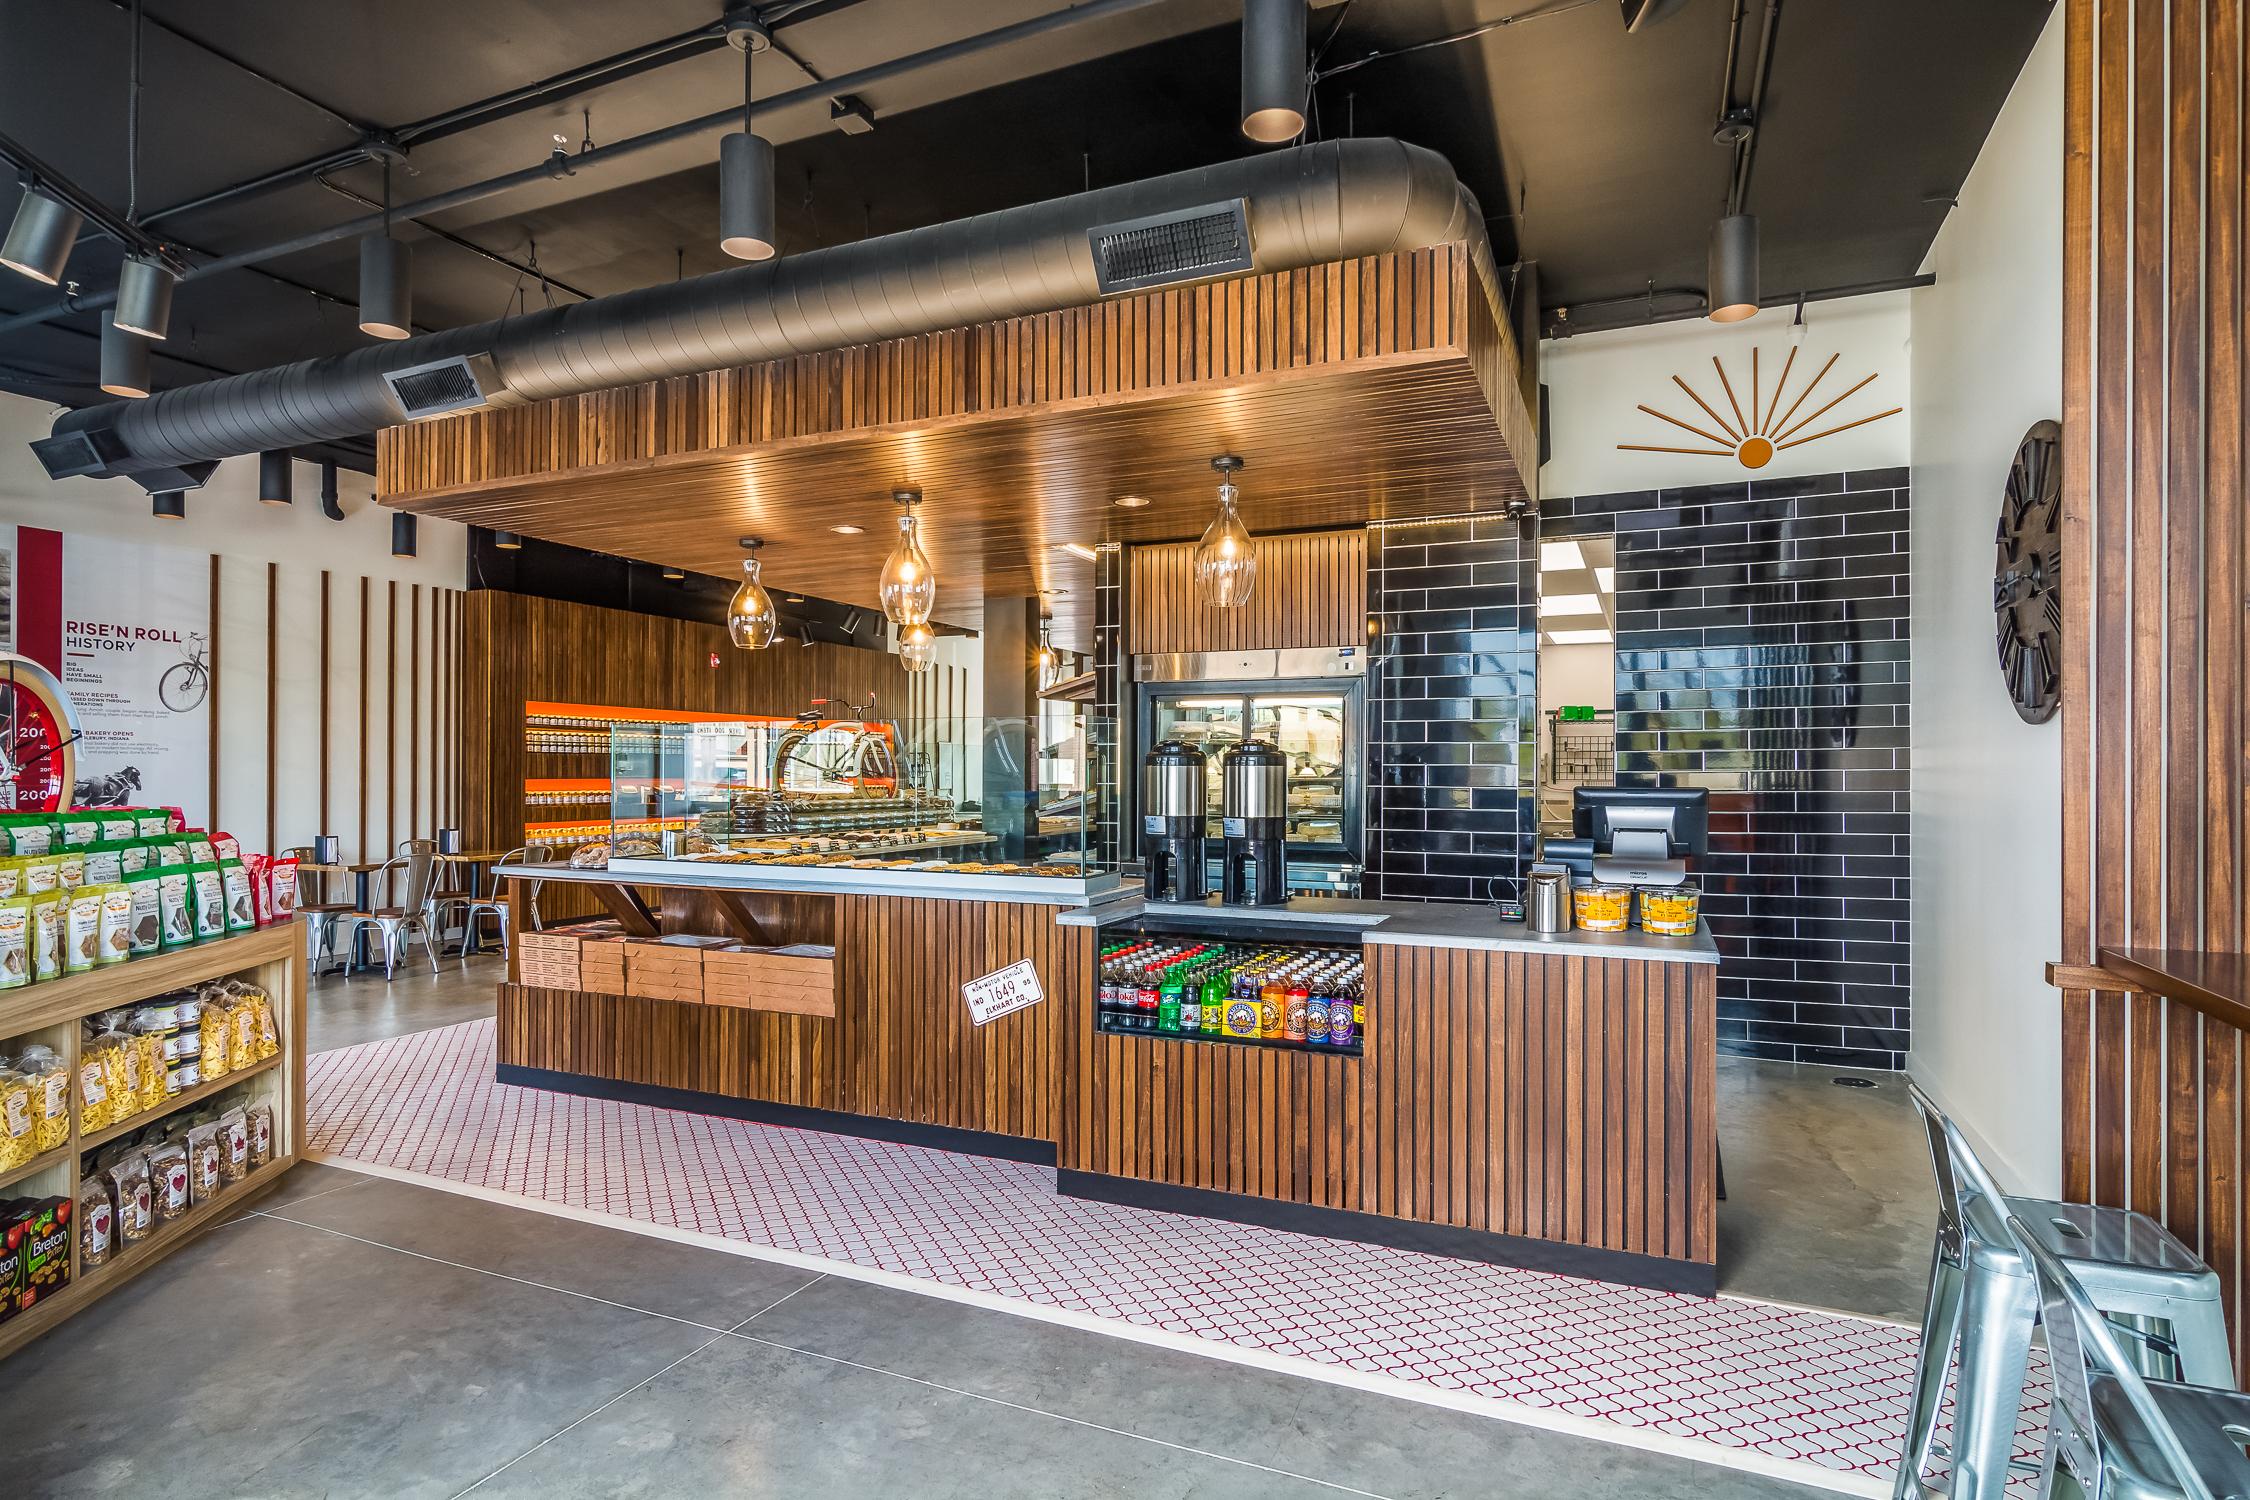 Modern industrial interior design San Diego.jpg